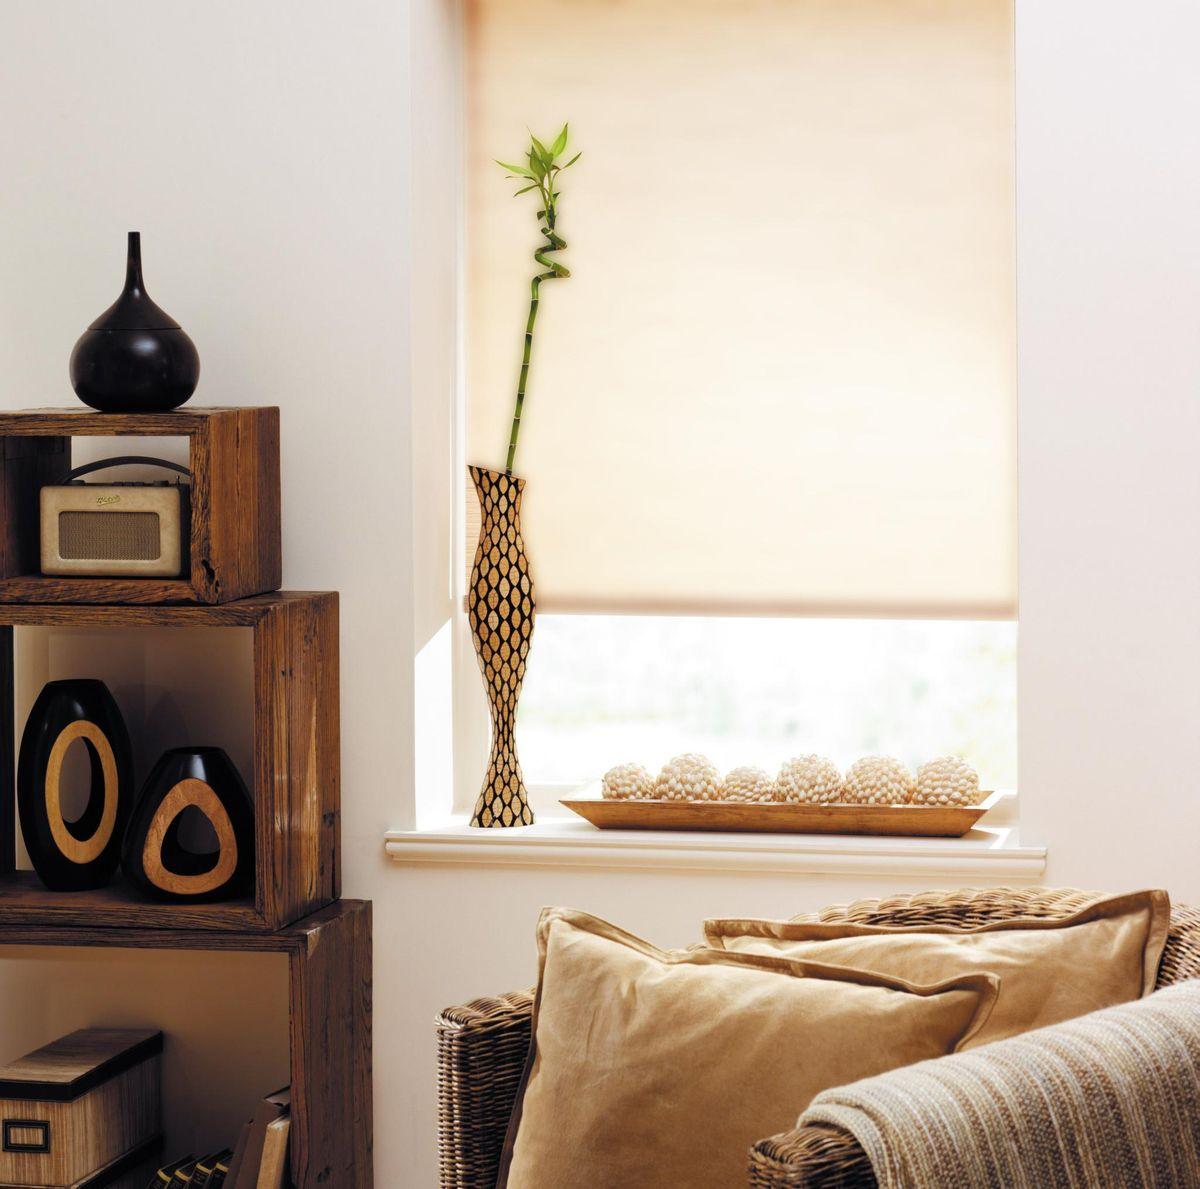 Штора рулонная Эскар, цвет: бежевый лен, ширина 80 см, высота 170 см80409080170Рулонными шторами можно оформлять окна как самостоятельно, так и использовать в комбинации с портьерами. Это поможет предотвратить выгорание дорогой ткани на солнце и соединит функционал рулонных с красотой навесных. Преимущества применения рулонных штор для пластиковых окон: - имеют прекрасный внешний вид: многообразие и фактурность материала изделия отлично смотрятся в любом интерьере; - многофункциональны: есть возможность подобрать шторы способные эффективно защитить комнату от солнца, при этом она не будет слишком темной. - Есть возможность осуществить быстрый монтаж. ВНИМАНИЕ! Размеры ширины изделия указаны по ширине ткани! Во время эксплуатации не рекомендуется полностью разматывать рулон, чтобы не оторвать ткань от намоточного вала. В случае загрязнения поверхности ткани, чистку шторы проводят одним из способов, в зависимости от типа загрязнения: легкое поверхностное загрязнение можно удалить при помощи канцелярского ластика; чистка от пыли производится сухим методом при...